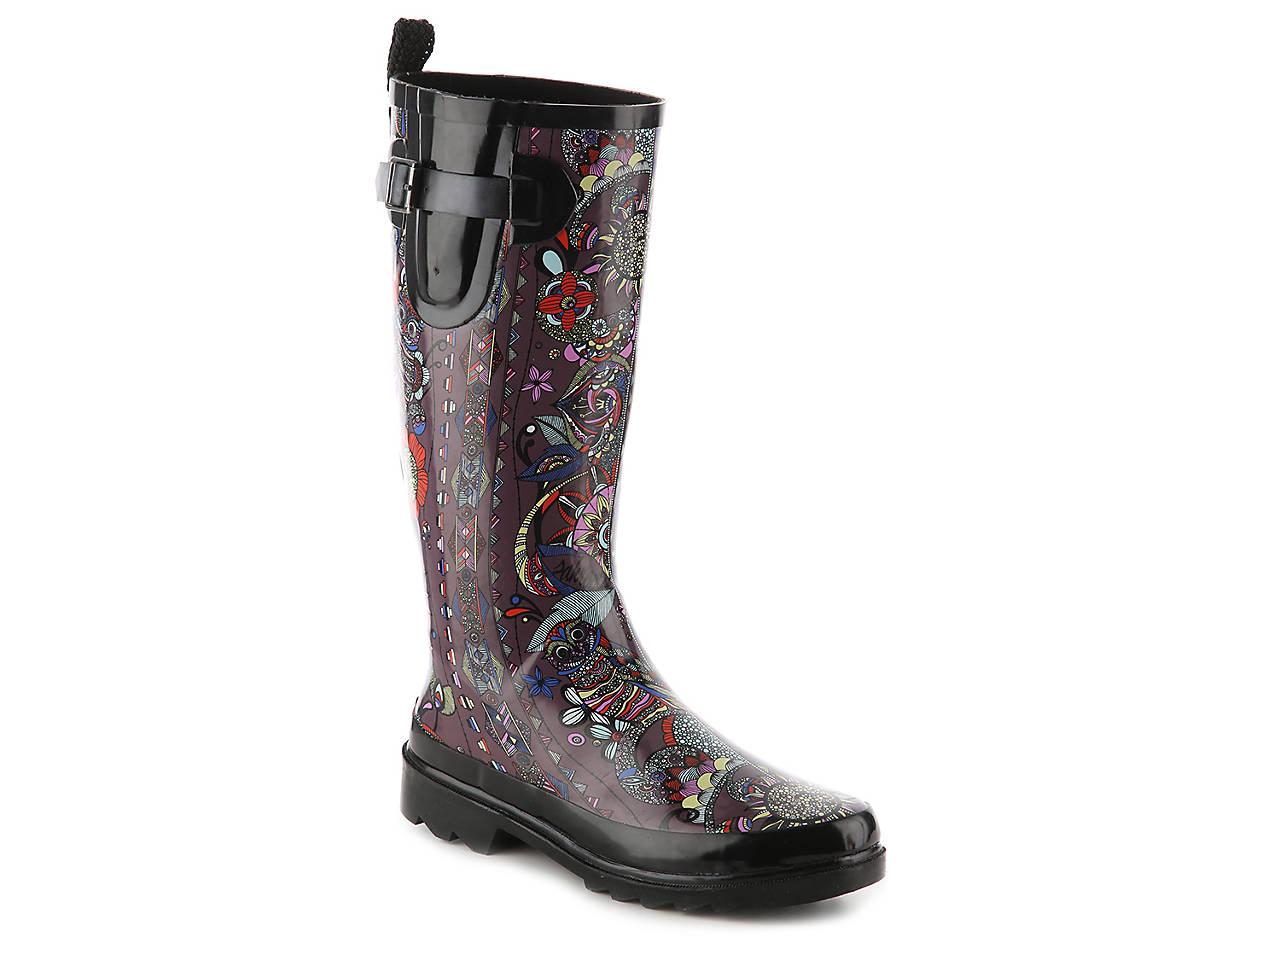 Womens Boots chooka black boot bohemian night rain nf6d13w2